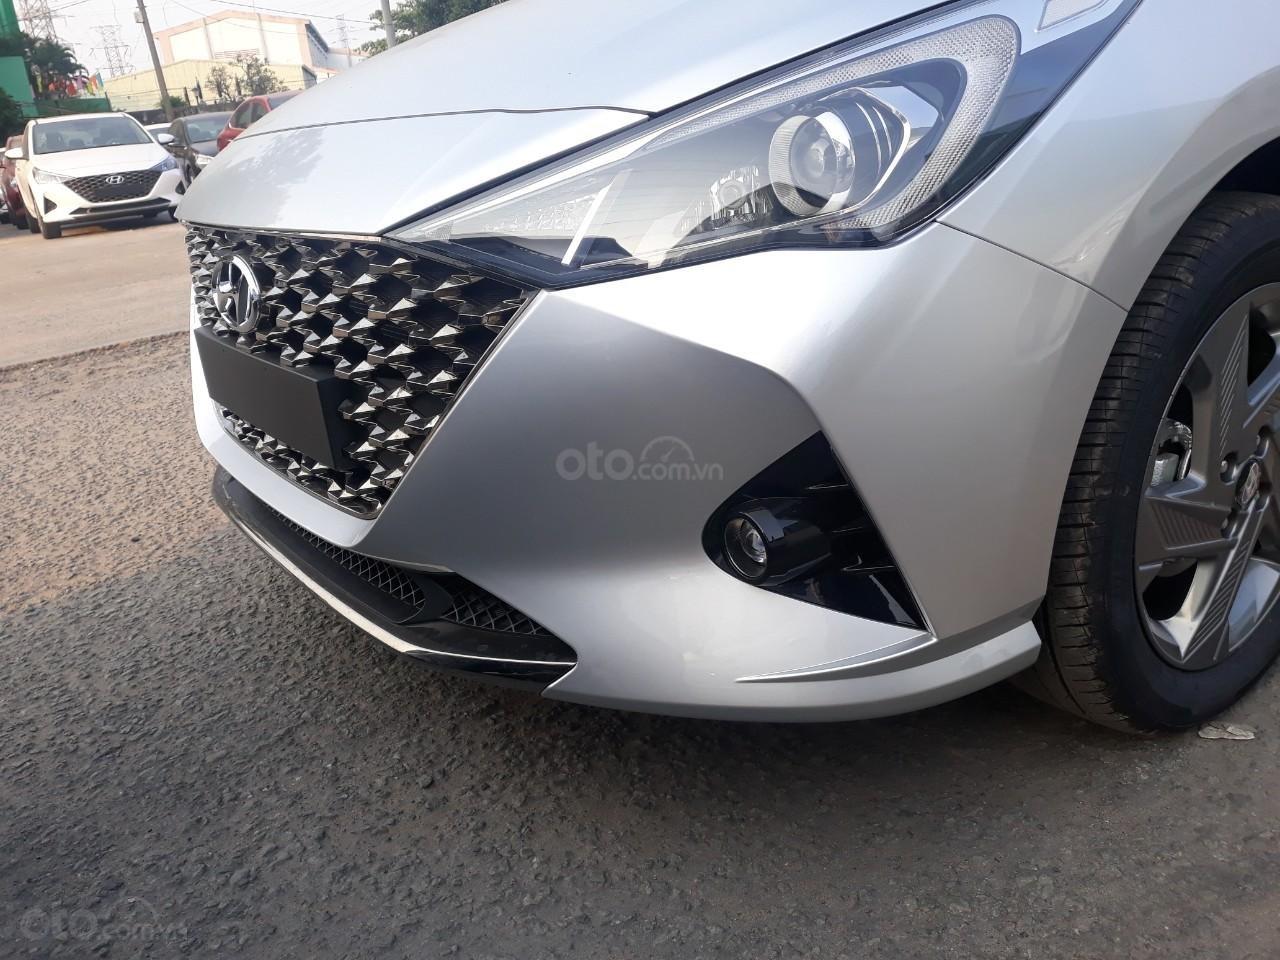 Hyundai Accent 1.4AT đặc biệt năm 2021 (5)